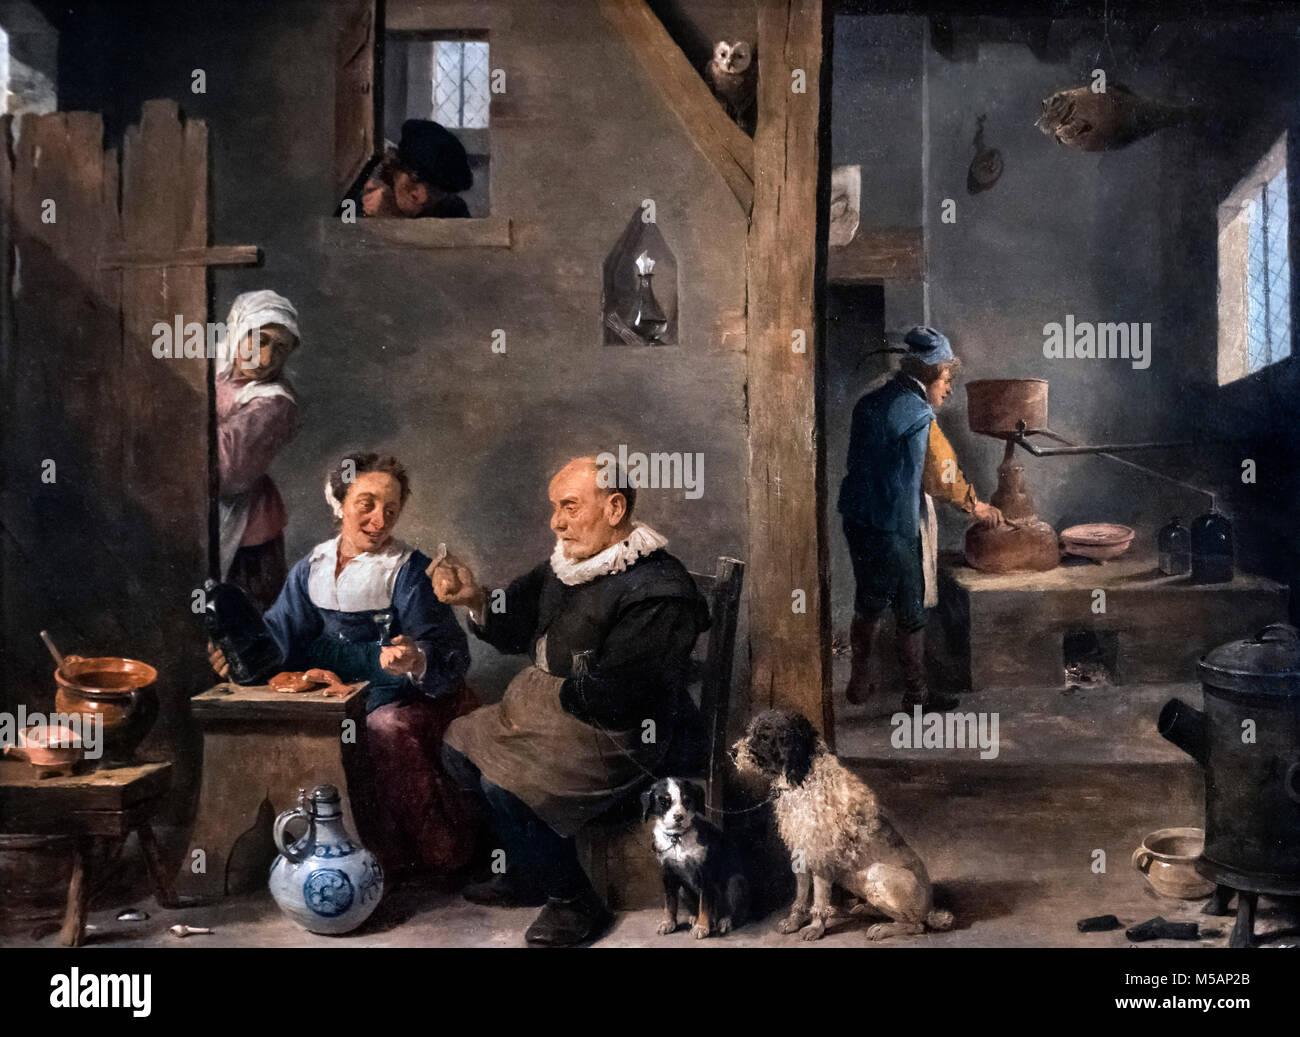 Une distillerie avec un homme âgé l'achat Gin par David Teniers le Jeune (1610-1690), huile sur toile, Photo Stock